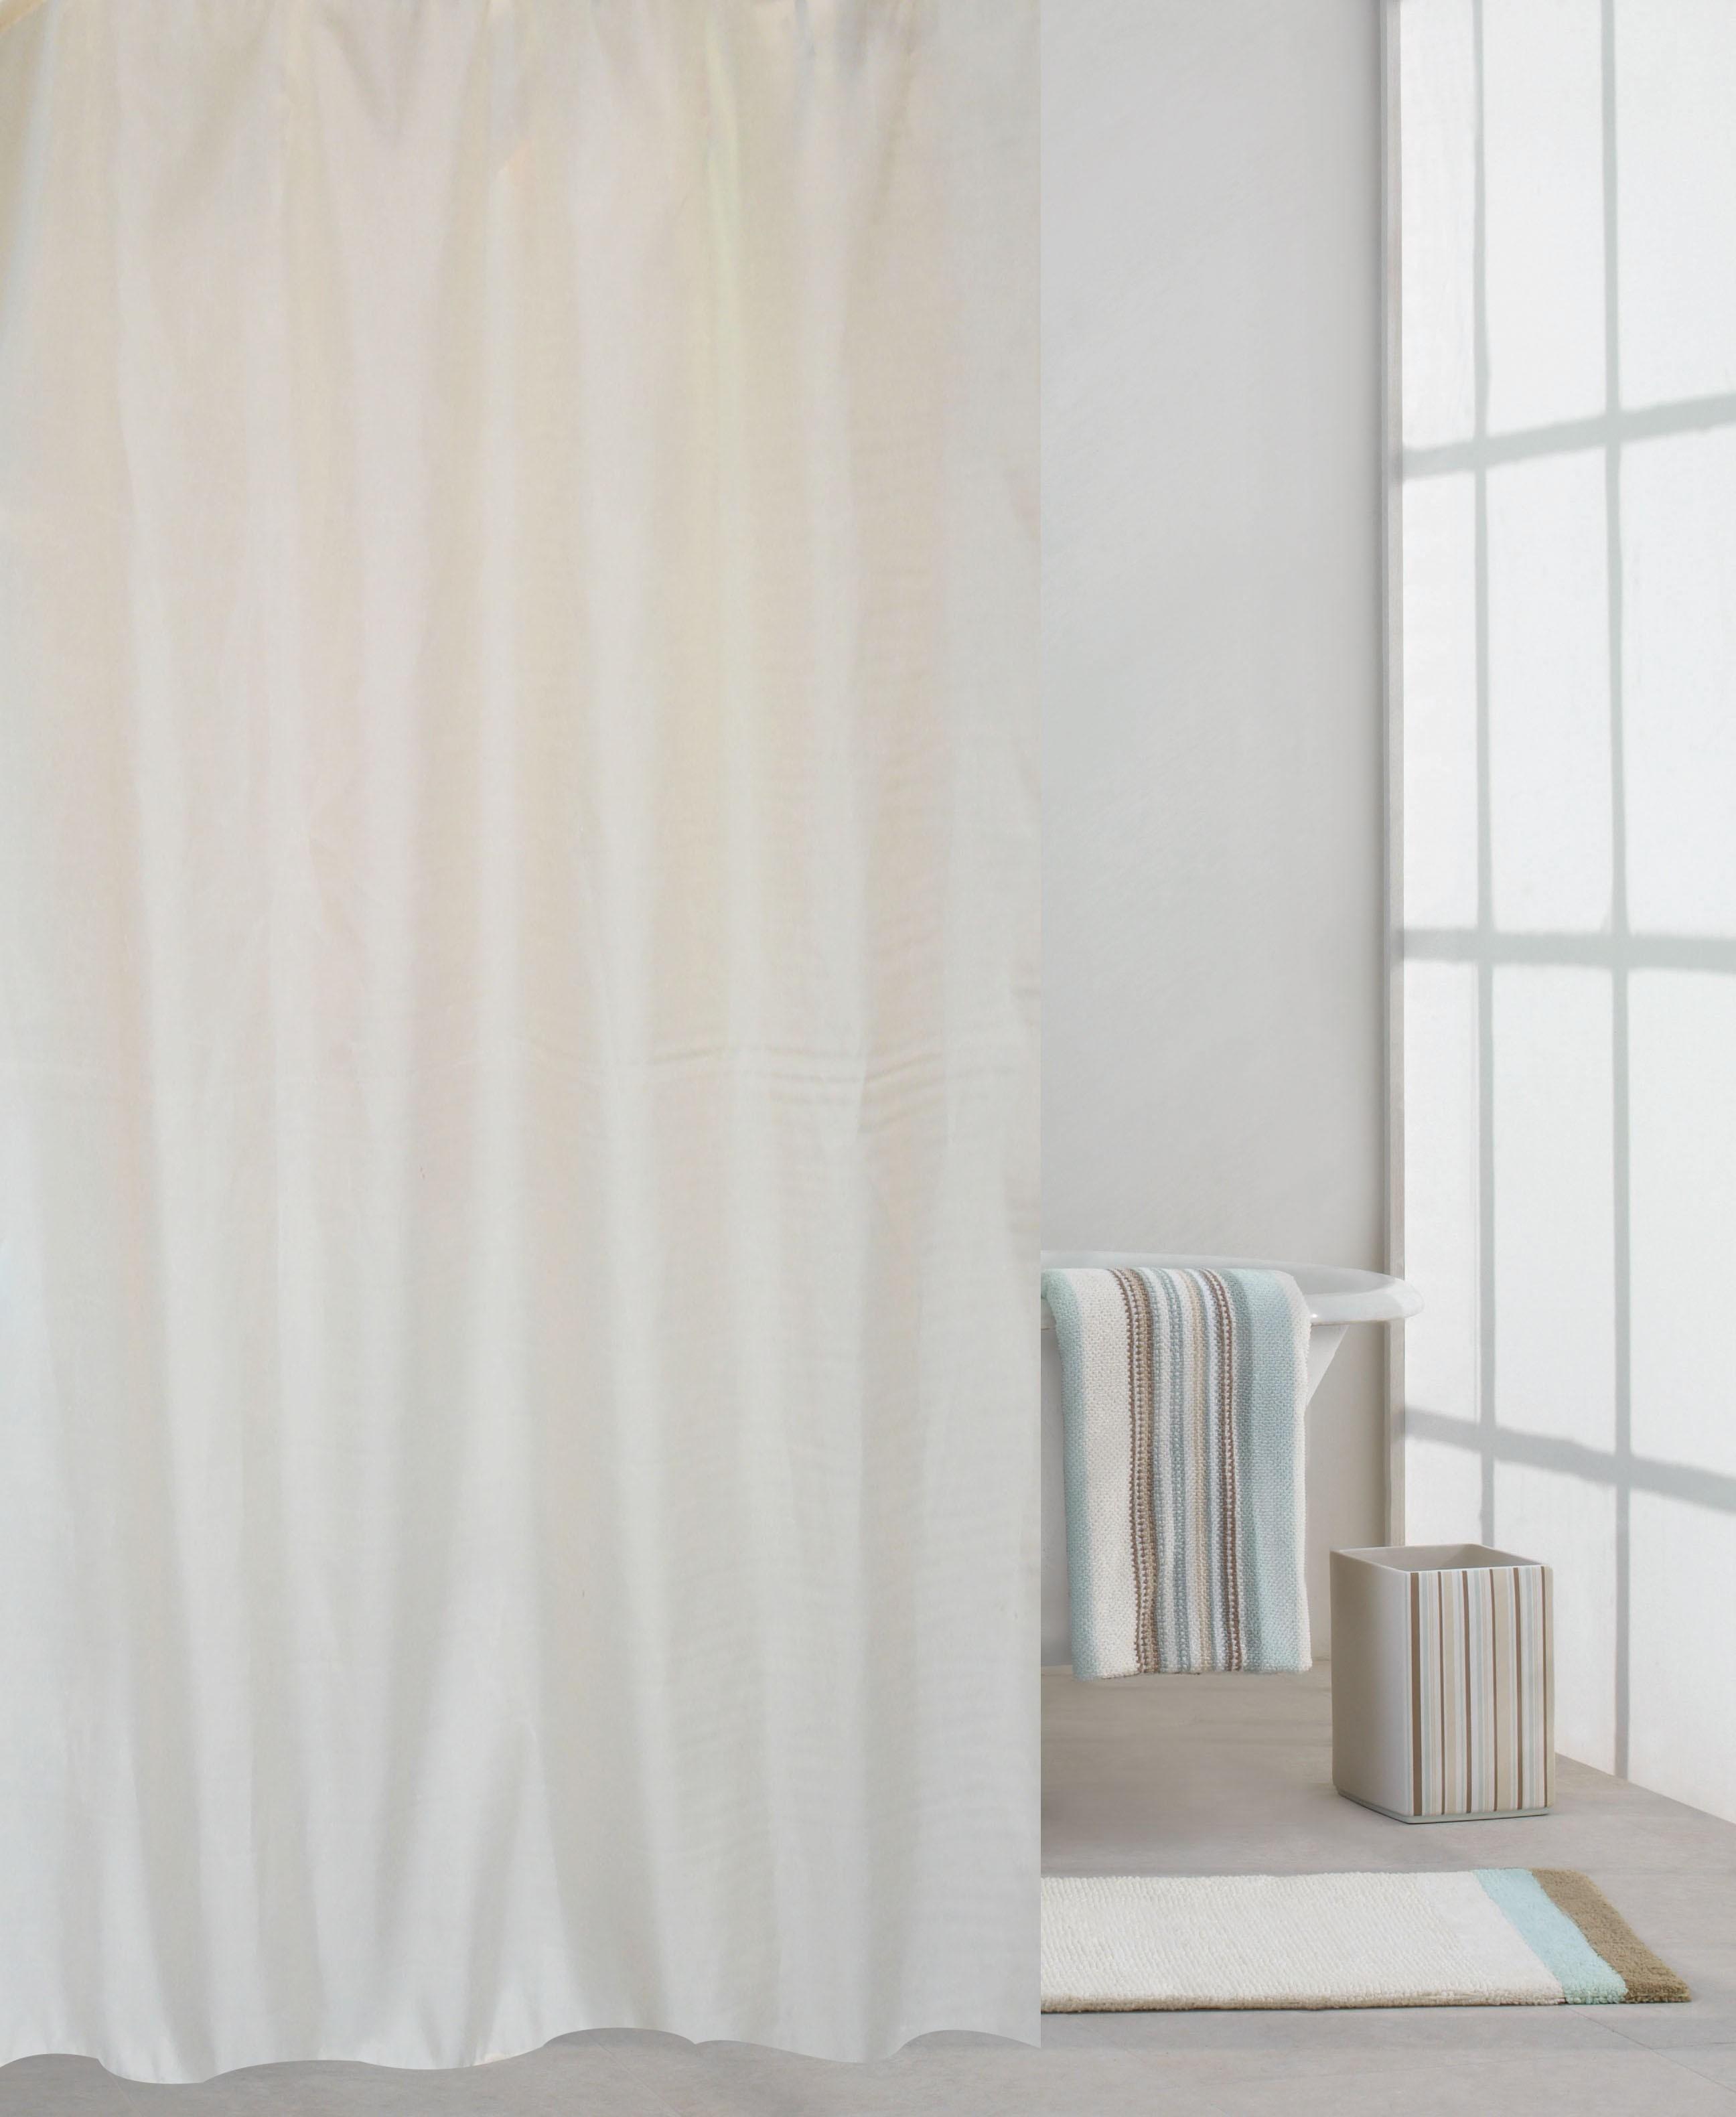 κουρτίνα μπάνιου υφασμάτινη μονόχρωμη λευκή 180x180cm